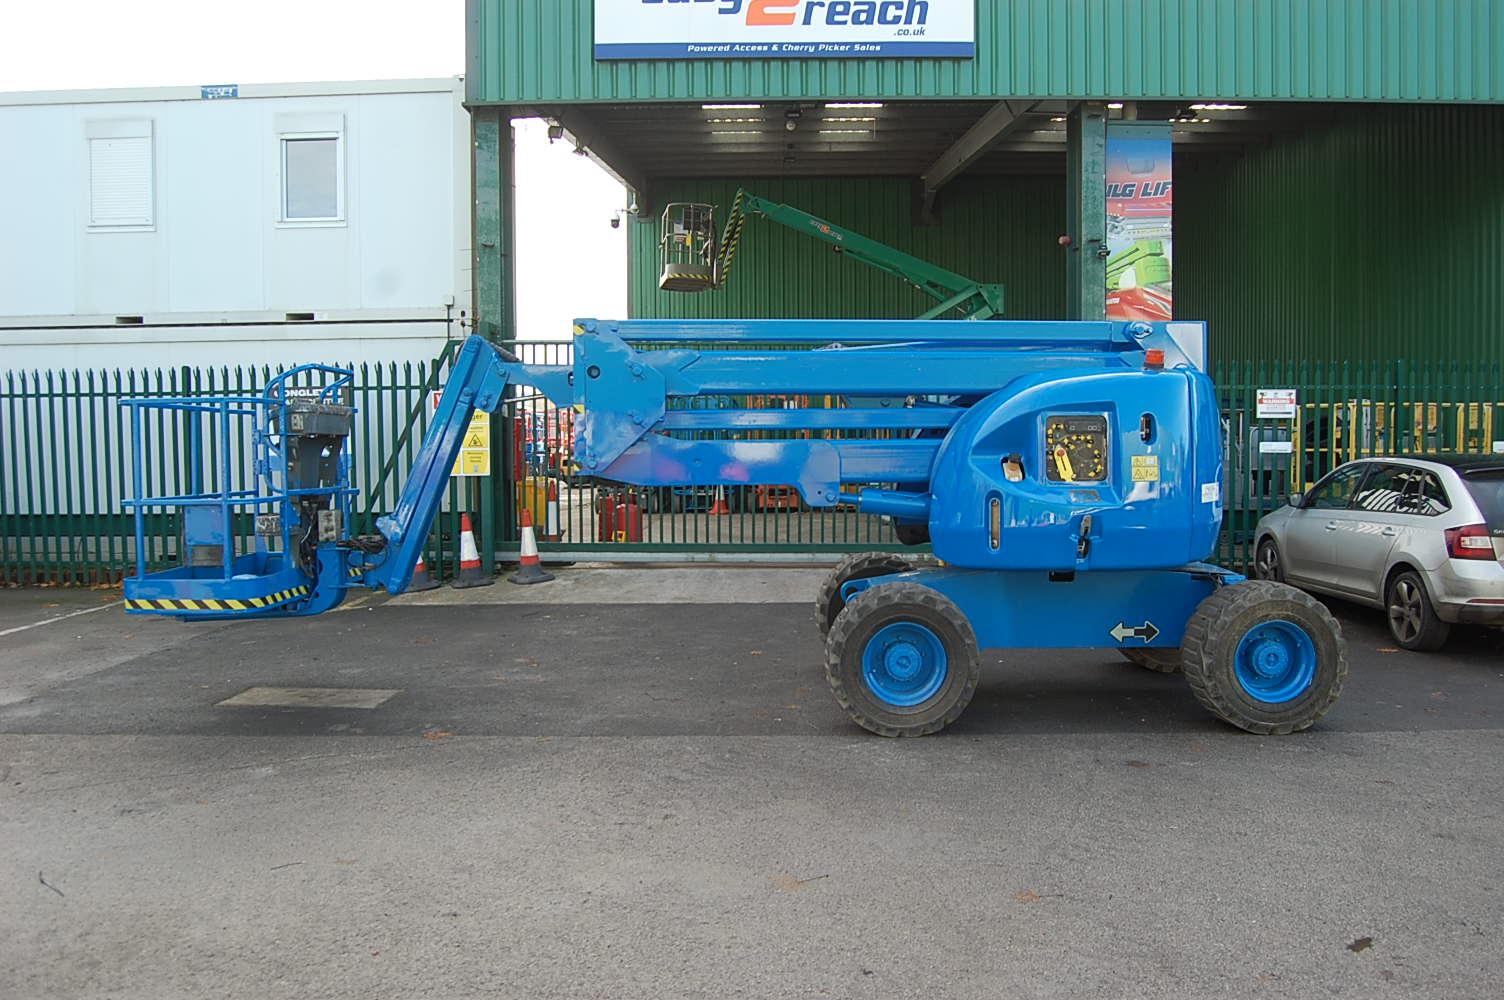 2008 JLG 450AJ Rough Terrain Diesel Boom Lift 15.5m